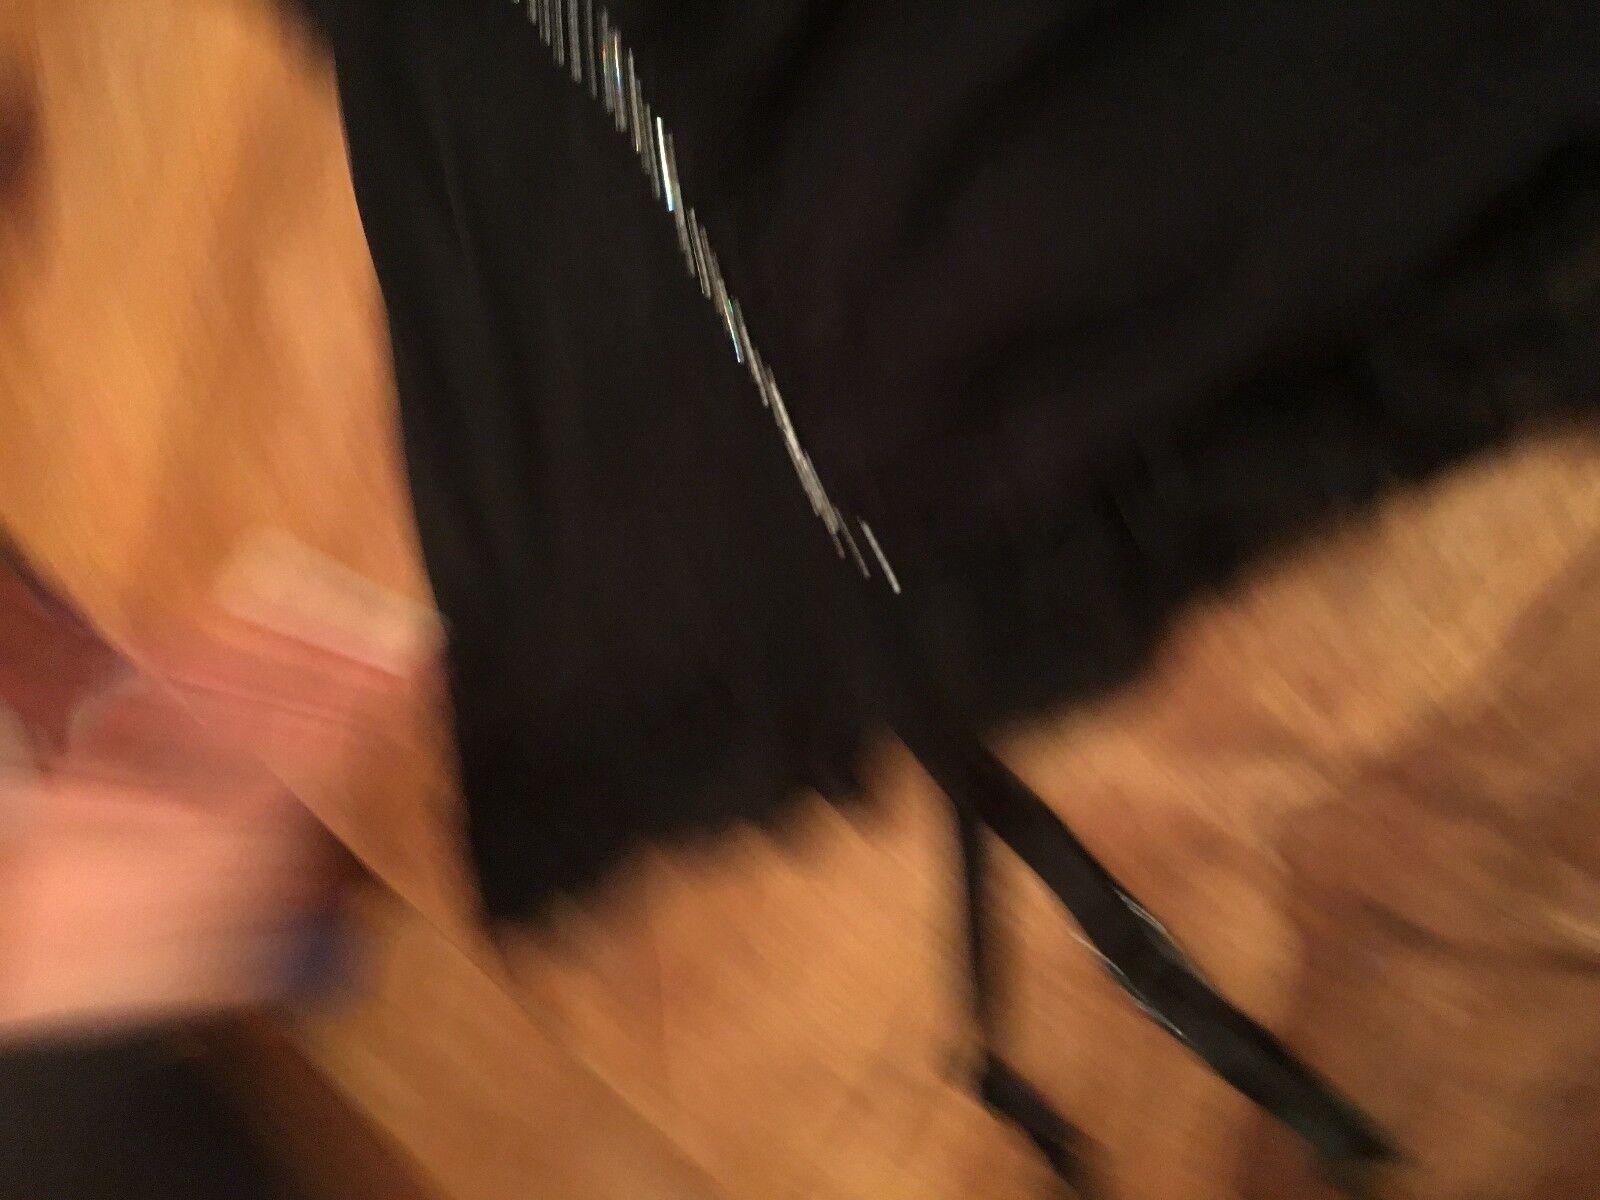 Sexy Corsage Schwarz mit Strass transparent passend String String String S Suzanna Dessous 75C | Moderne und elegante Mode  | Viele Stile  | Moderater Preis  | Bestellung willkommen  | Um Zuerst Unter ähnlichen Produkten Rang  3d5428